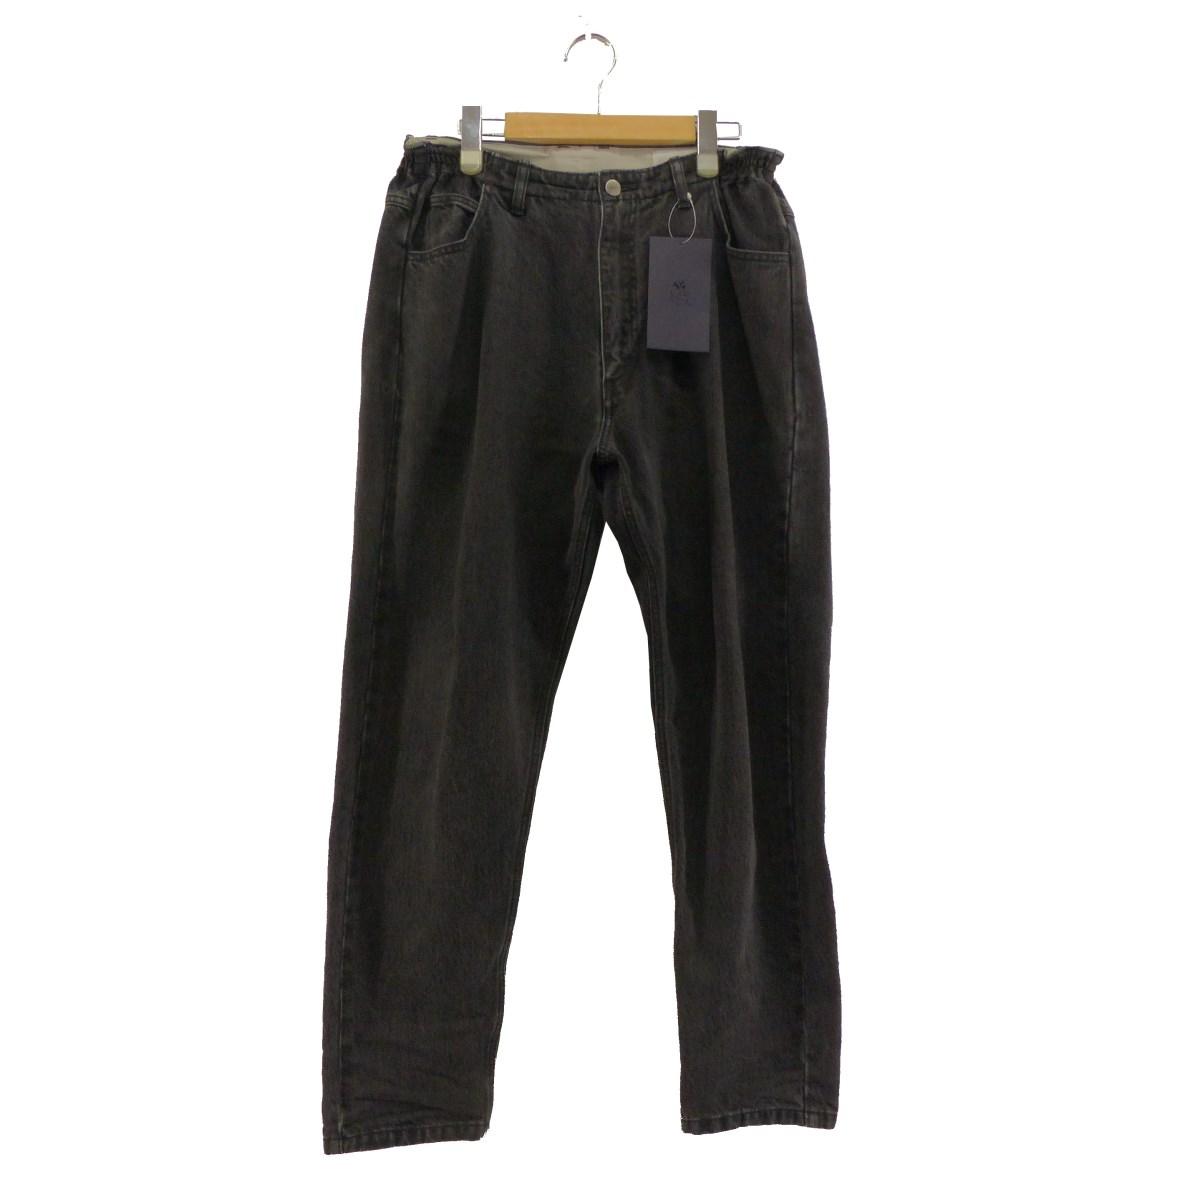 【中古】URU 2019AW DENIM EASY PANTS-TYPE B- ブラック サイズ:1 【010220】(ウル)